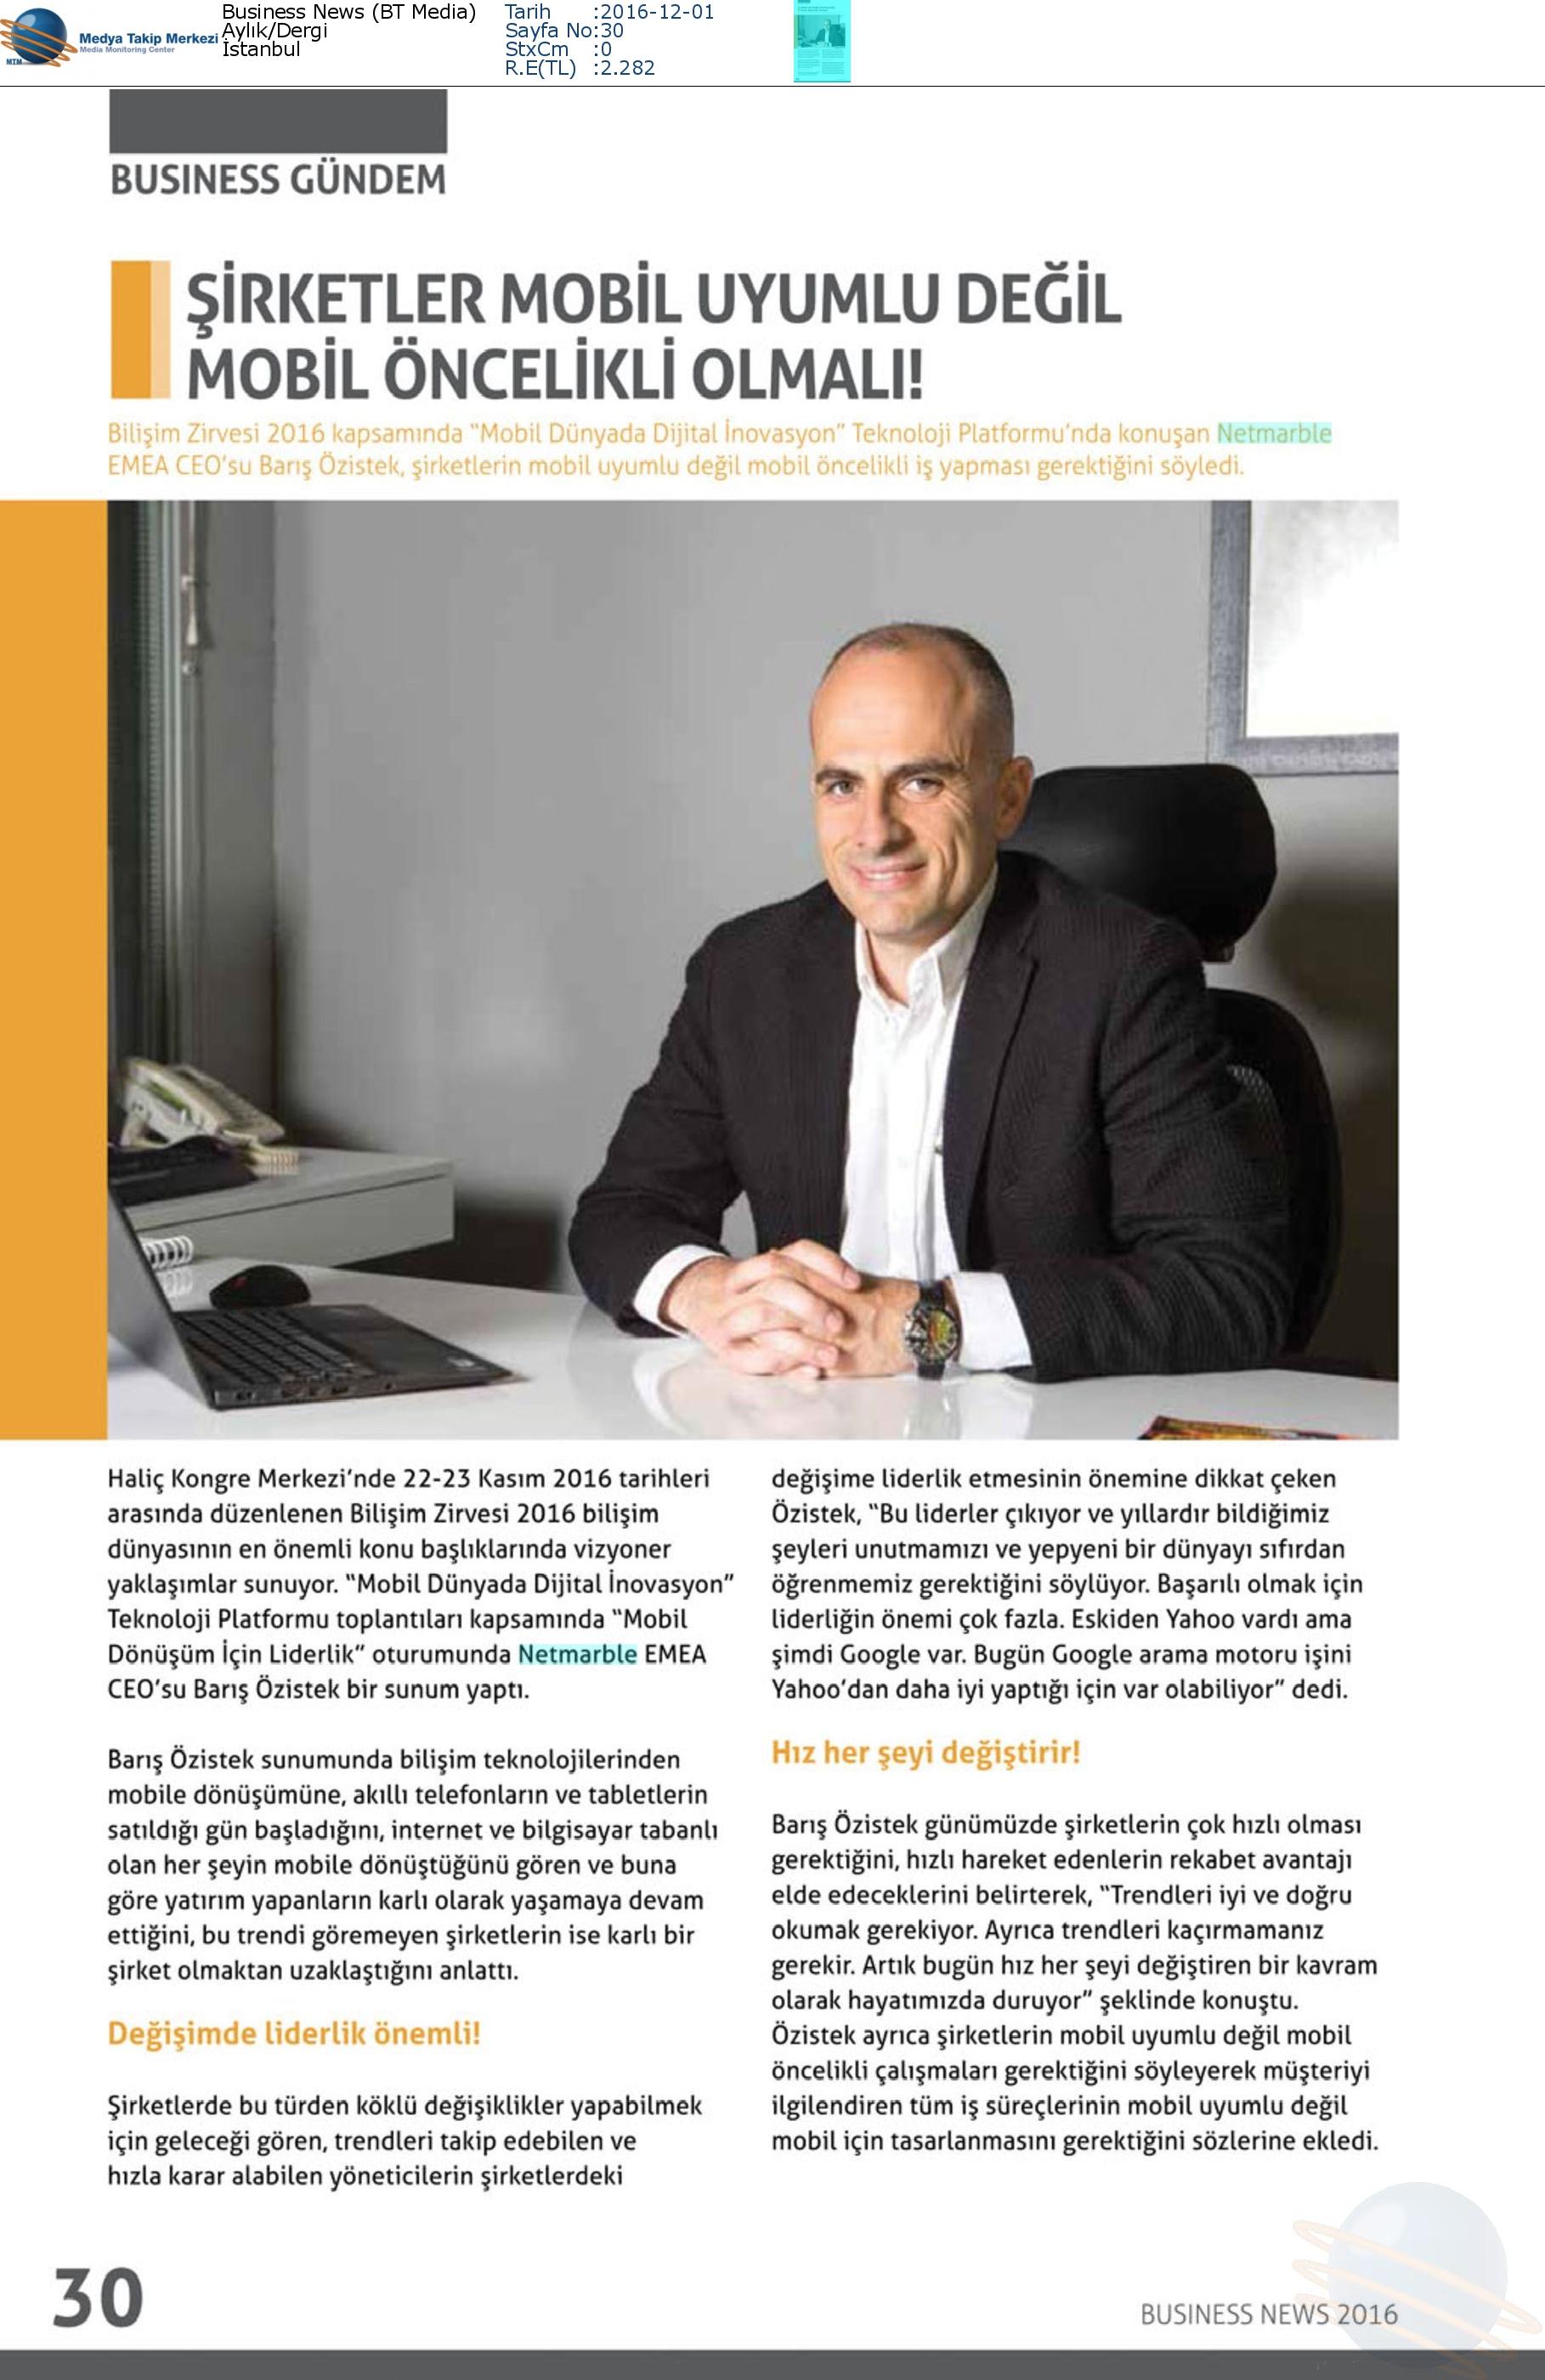 Business_News-ŞİRKETLER_MOBİL_UYUMLU_DEĞİL_MOBİL-1